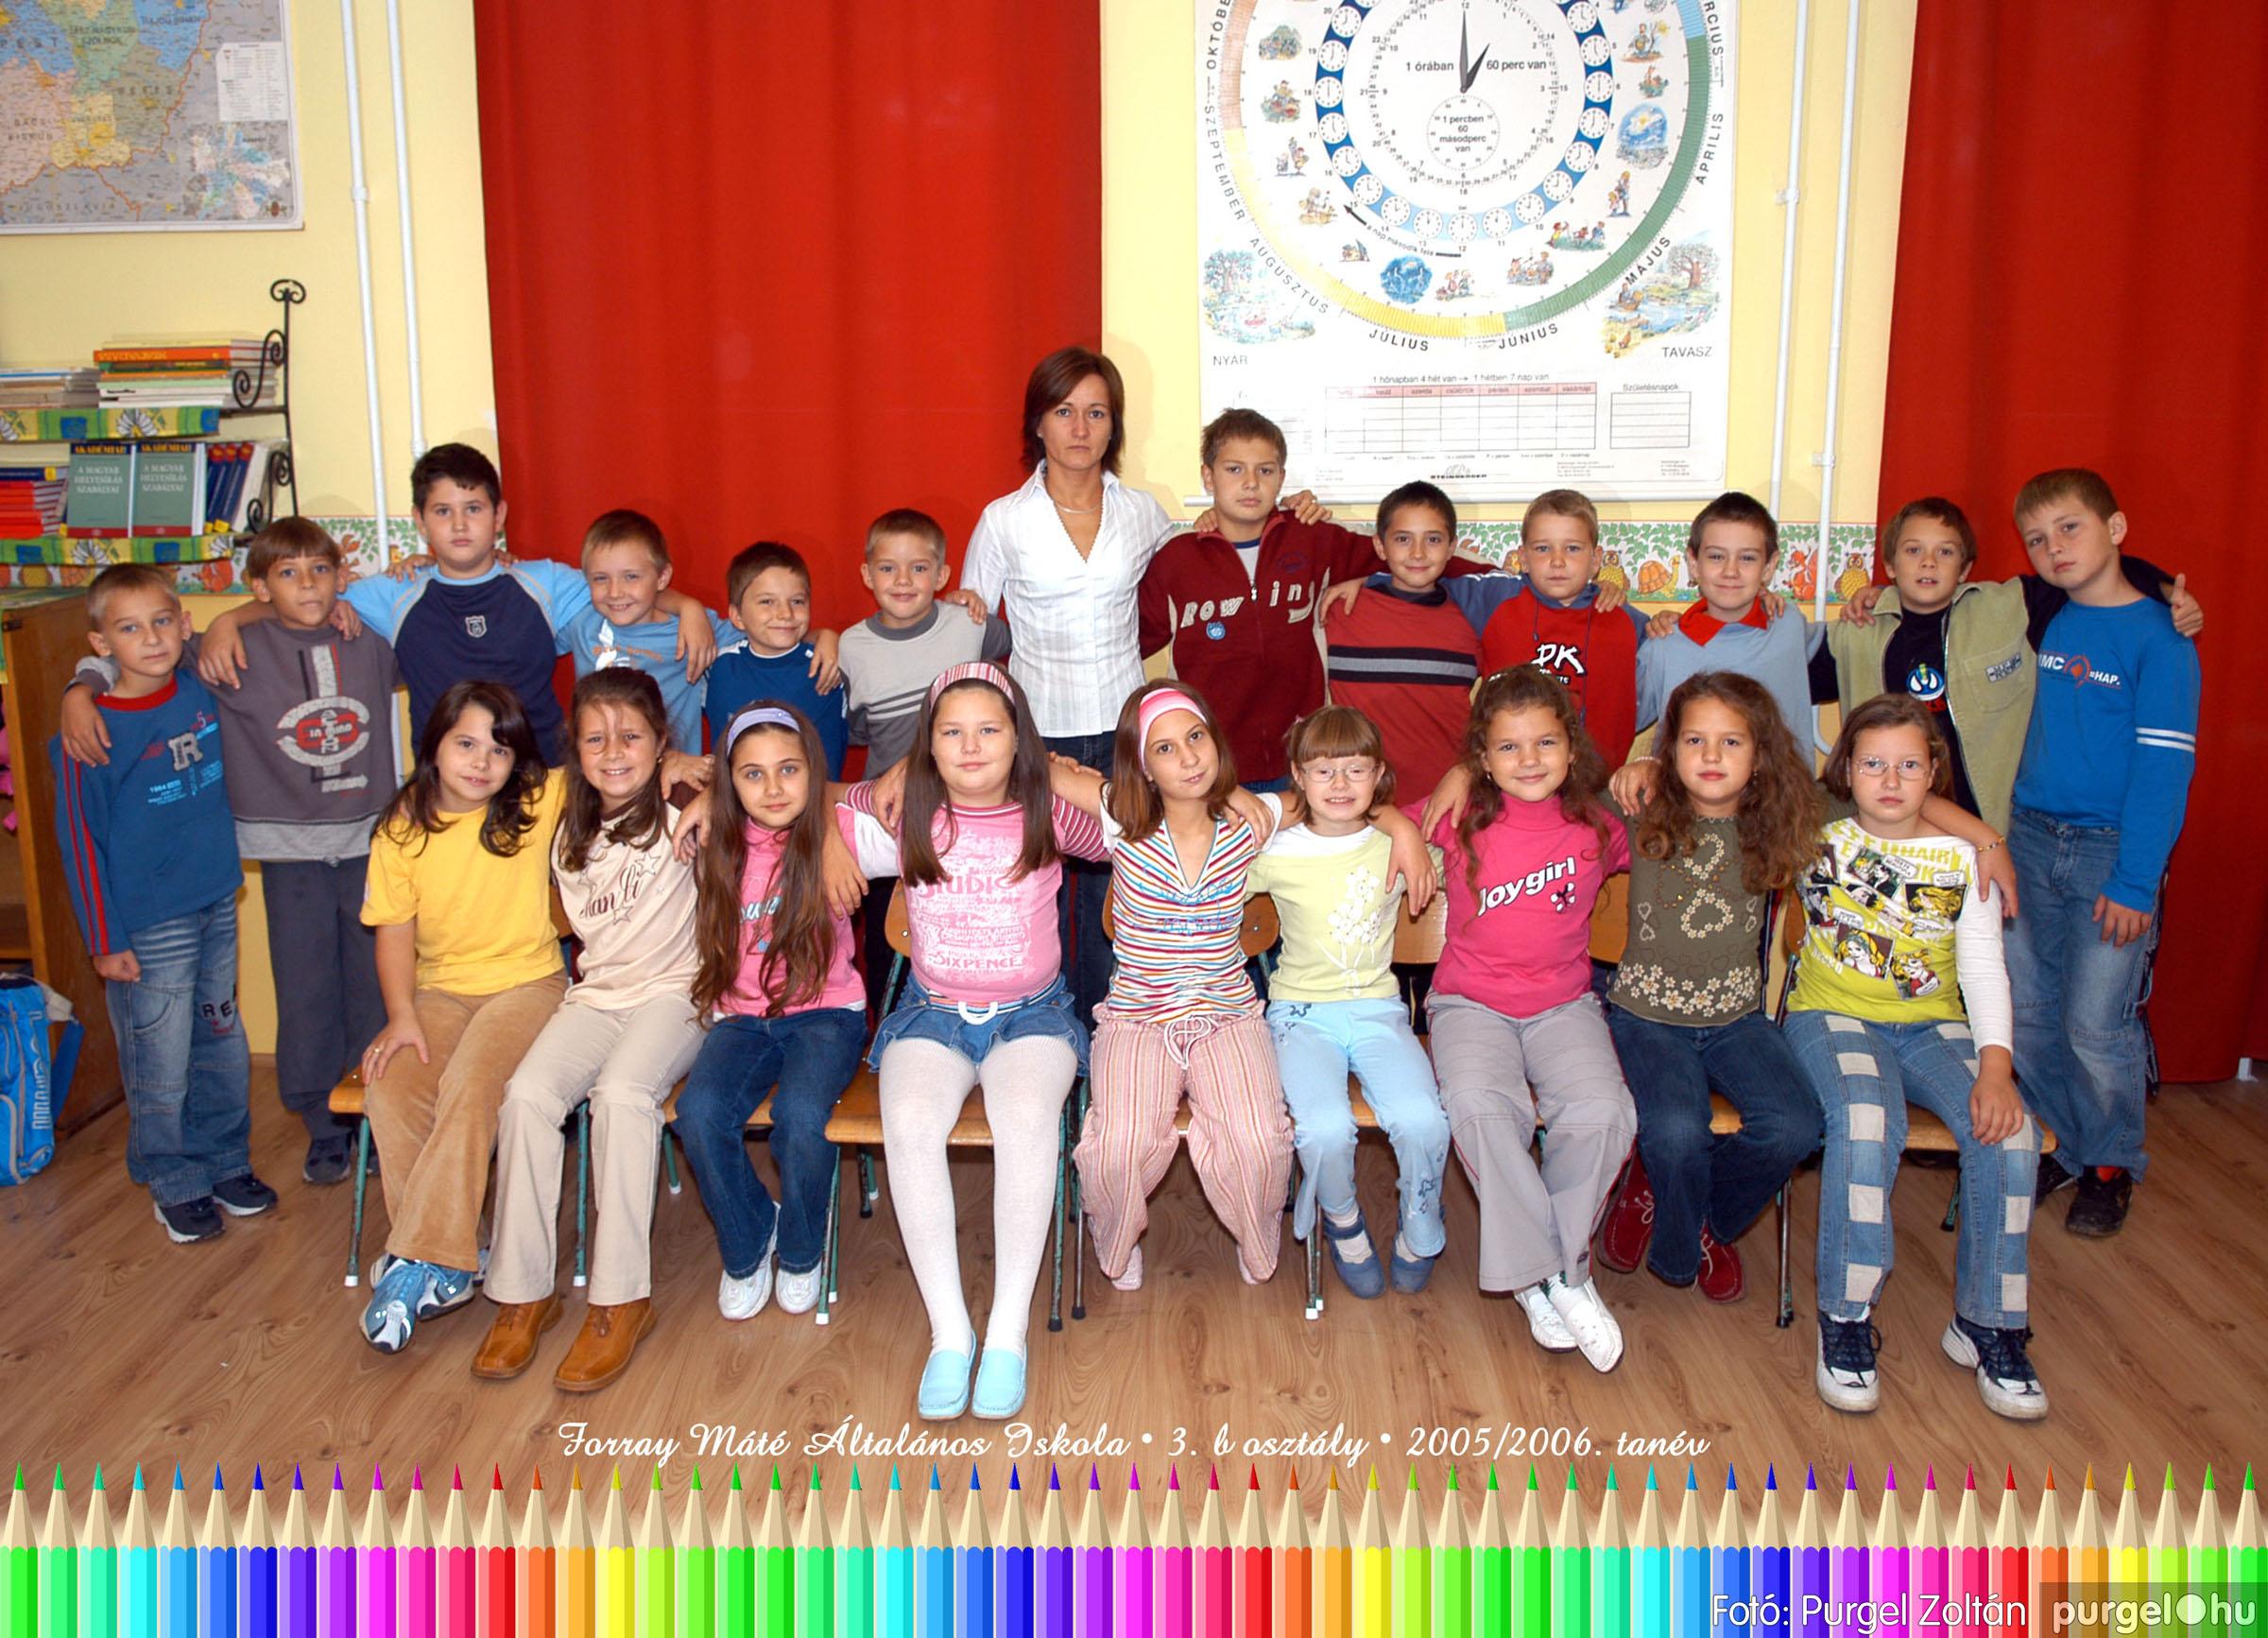 2005.09.21-10.06. 010 Forray Máté Általános Iskola osztályképek 2005. - Fotók:PURGEL ZOLTÁN© 3bvidam.jpg